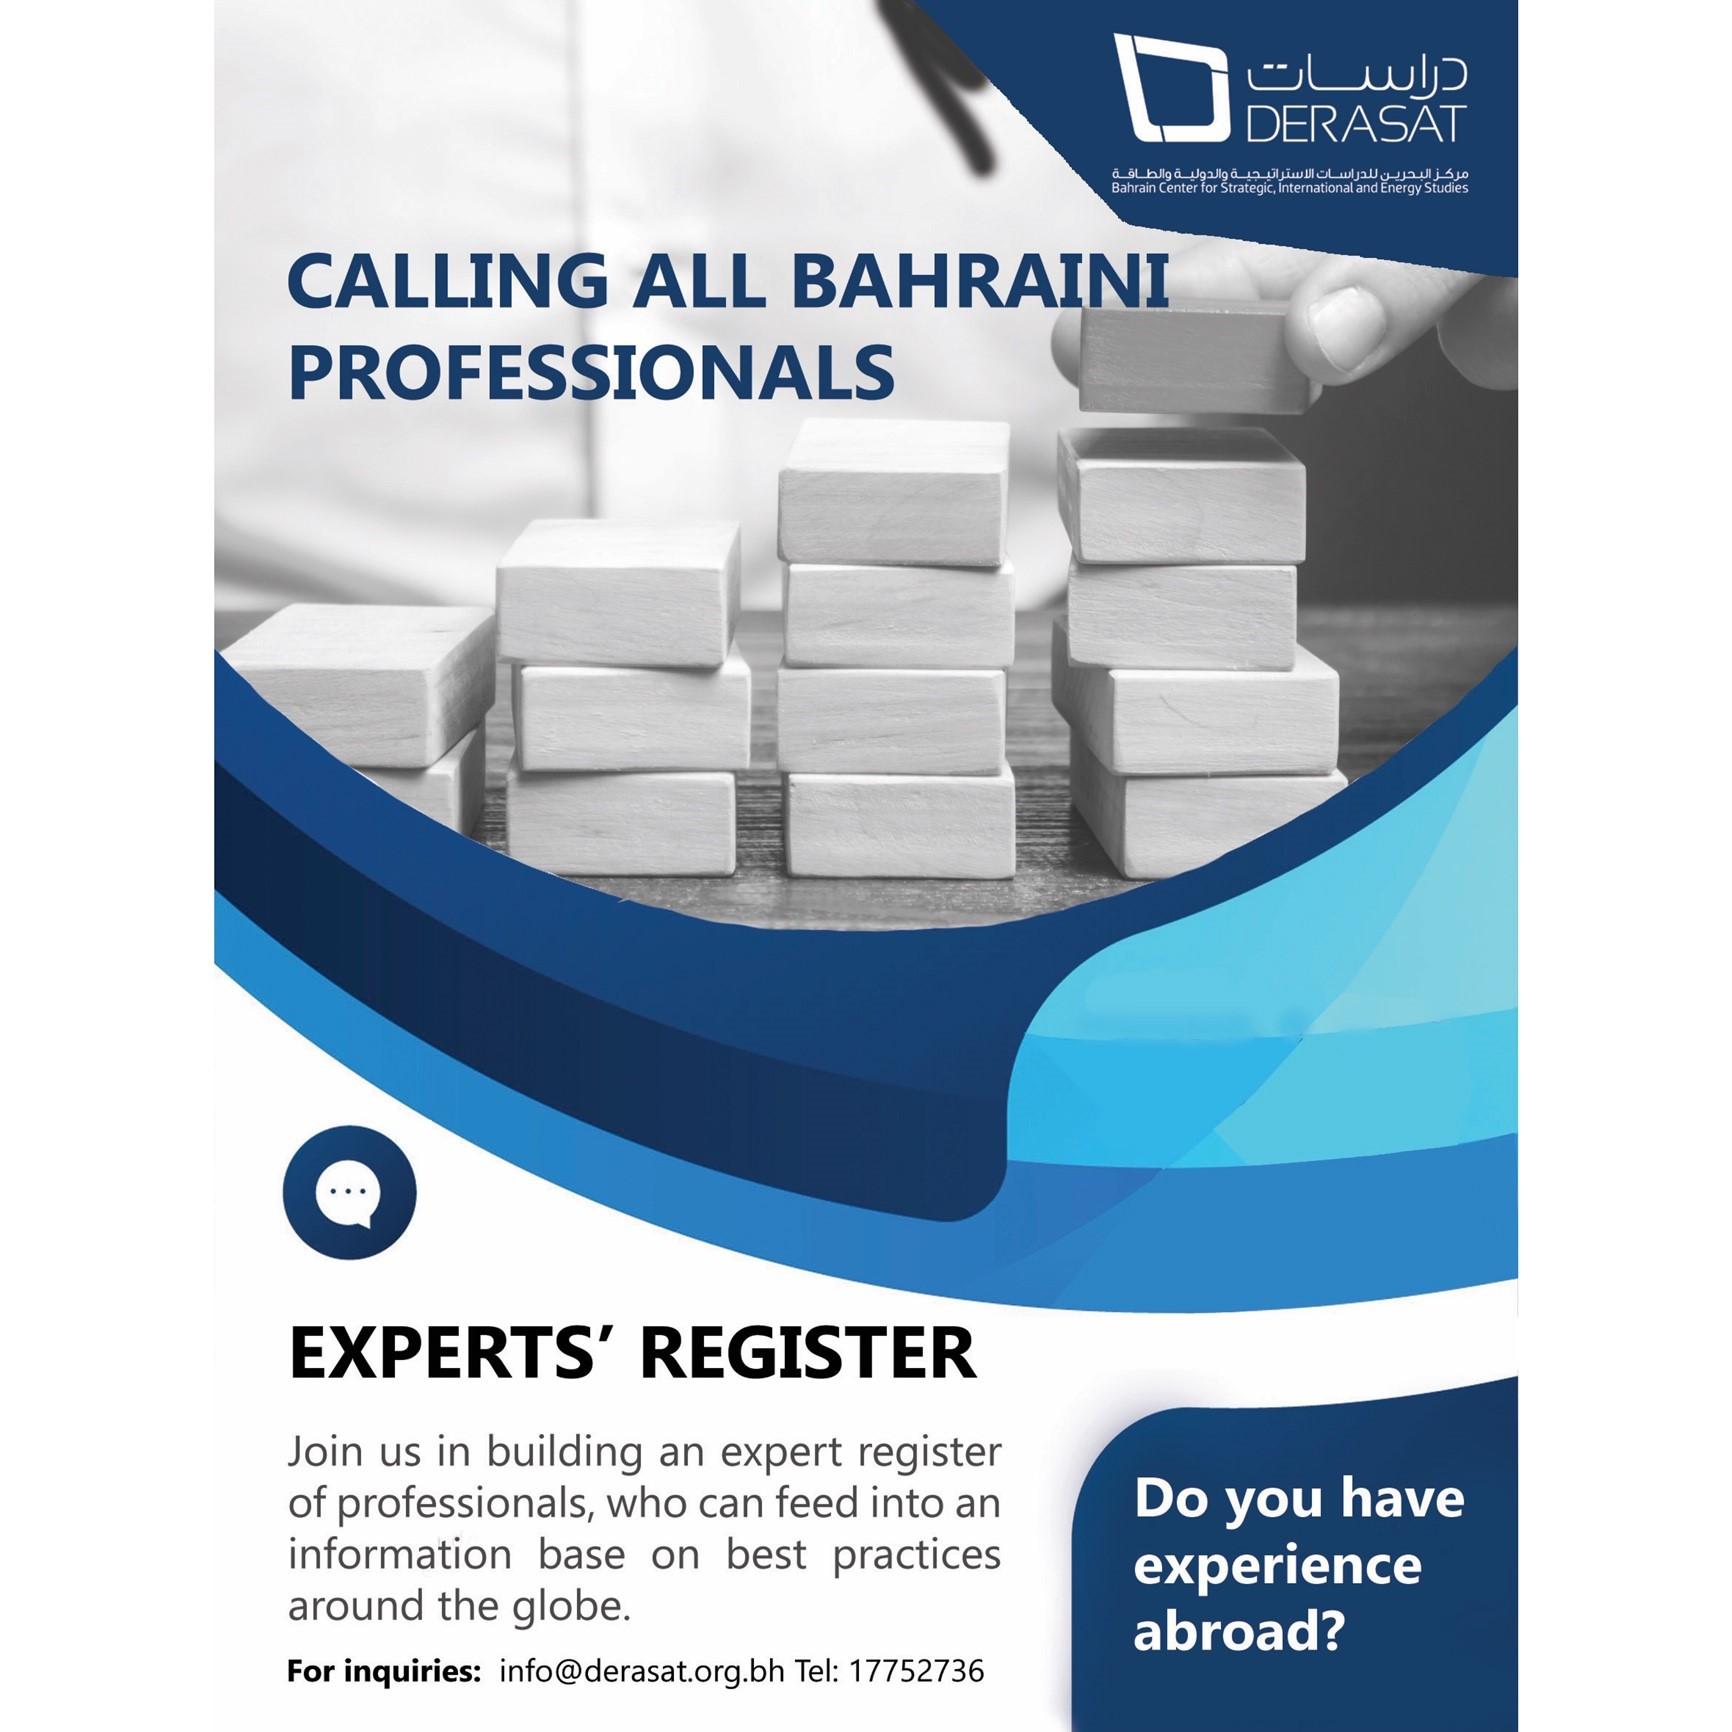 Experts' Register